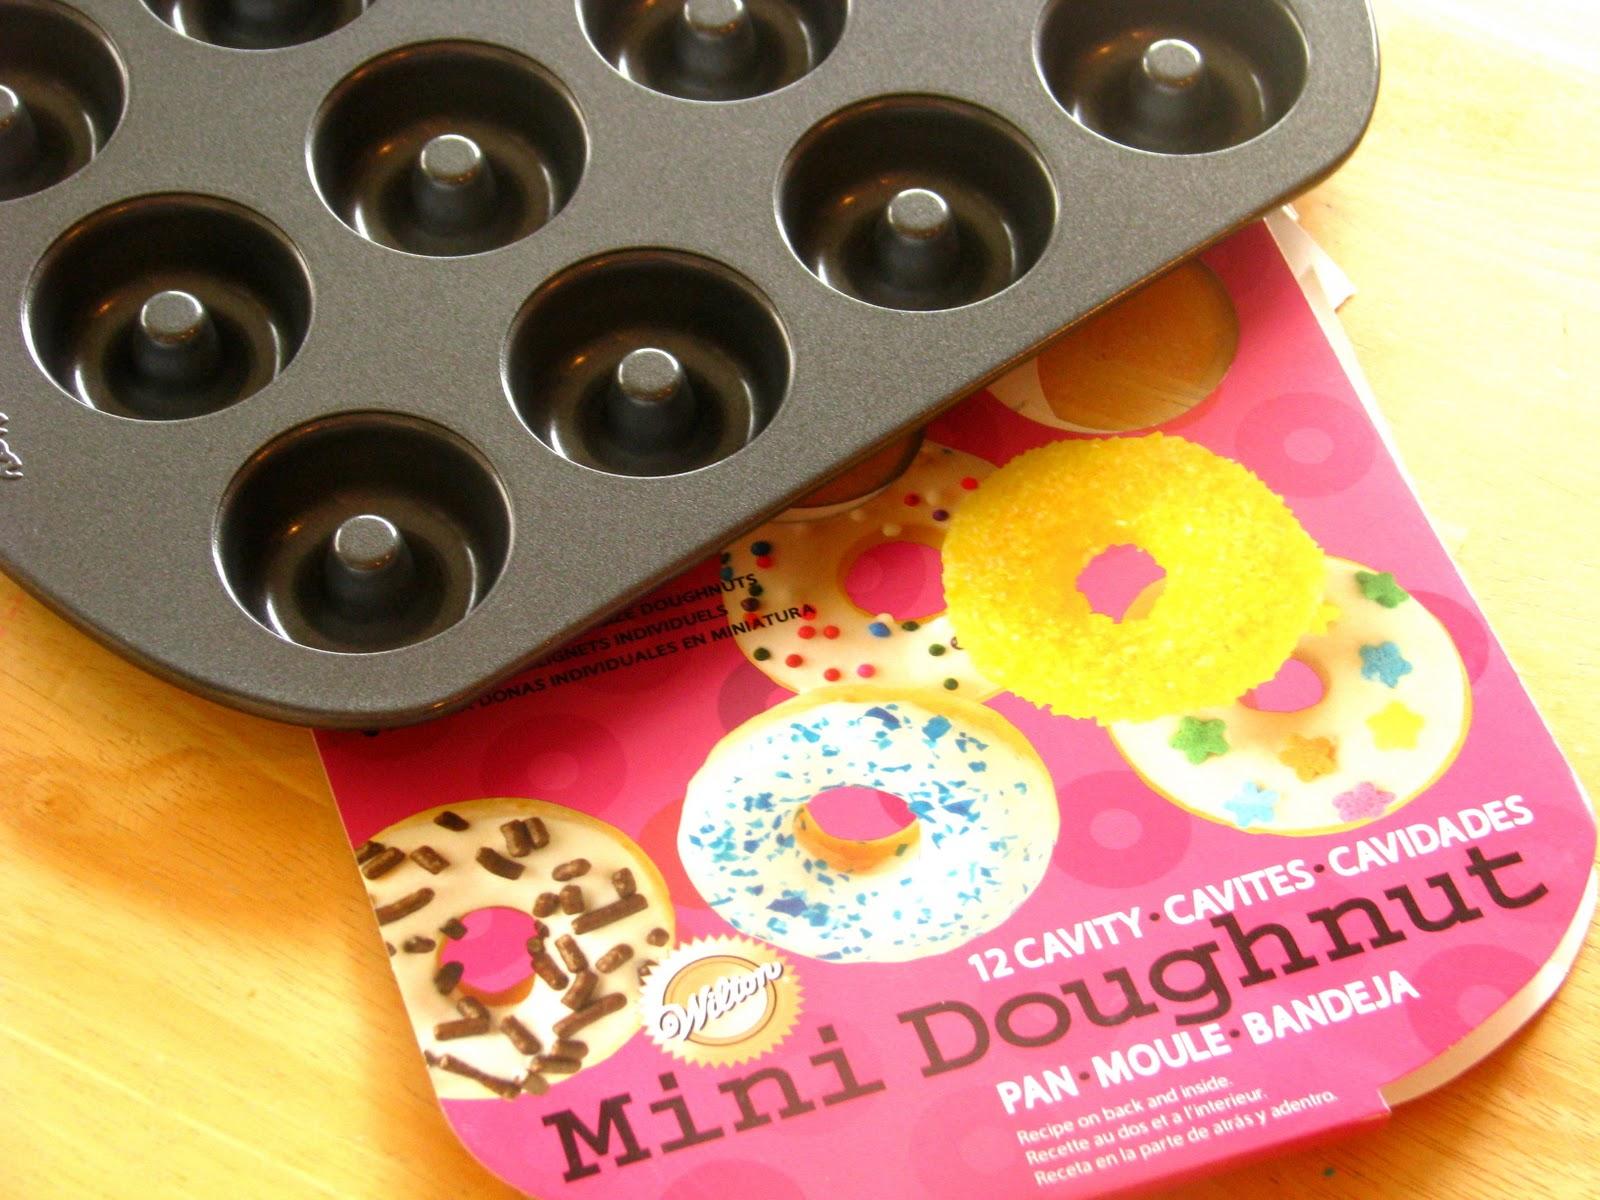 Impromptu Tea Party Amp Mini Doughnuts Gluesticks